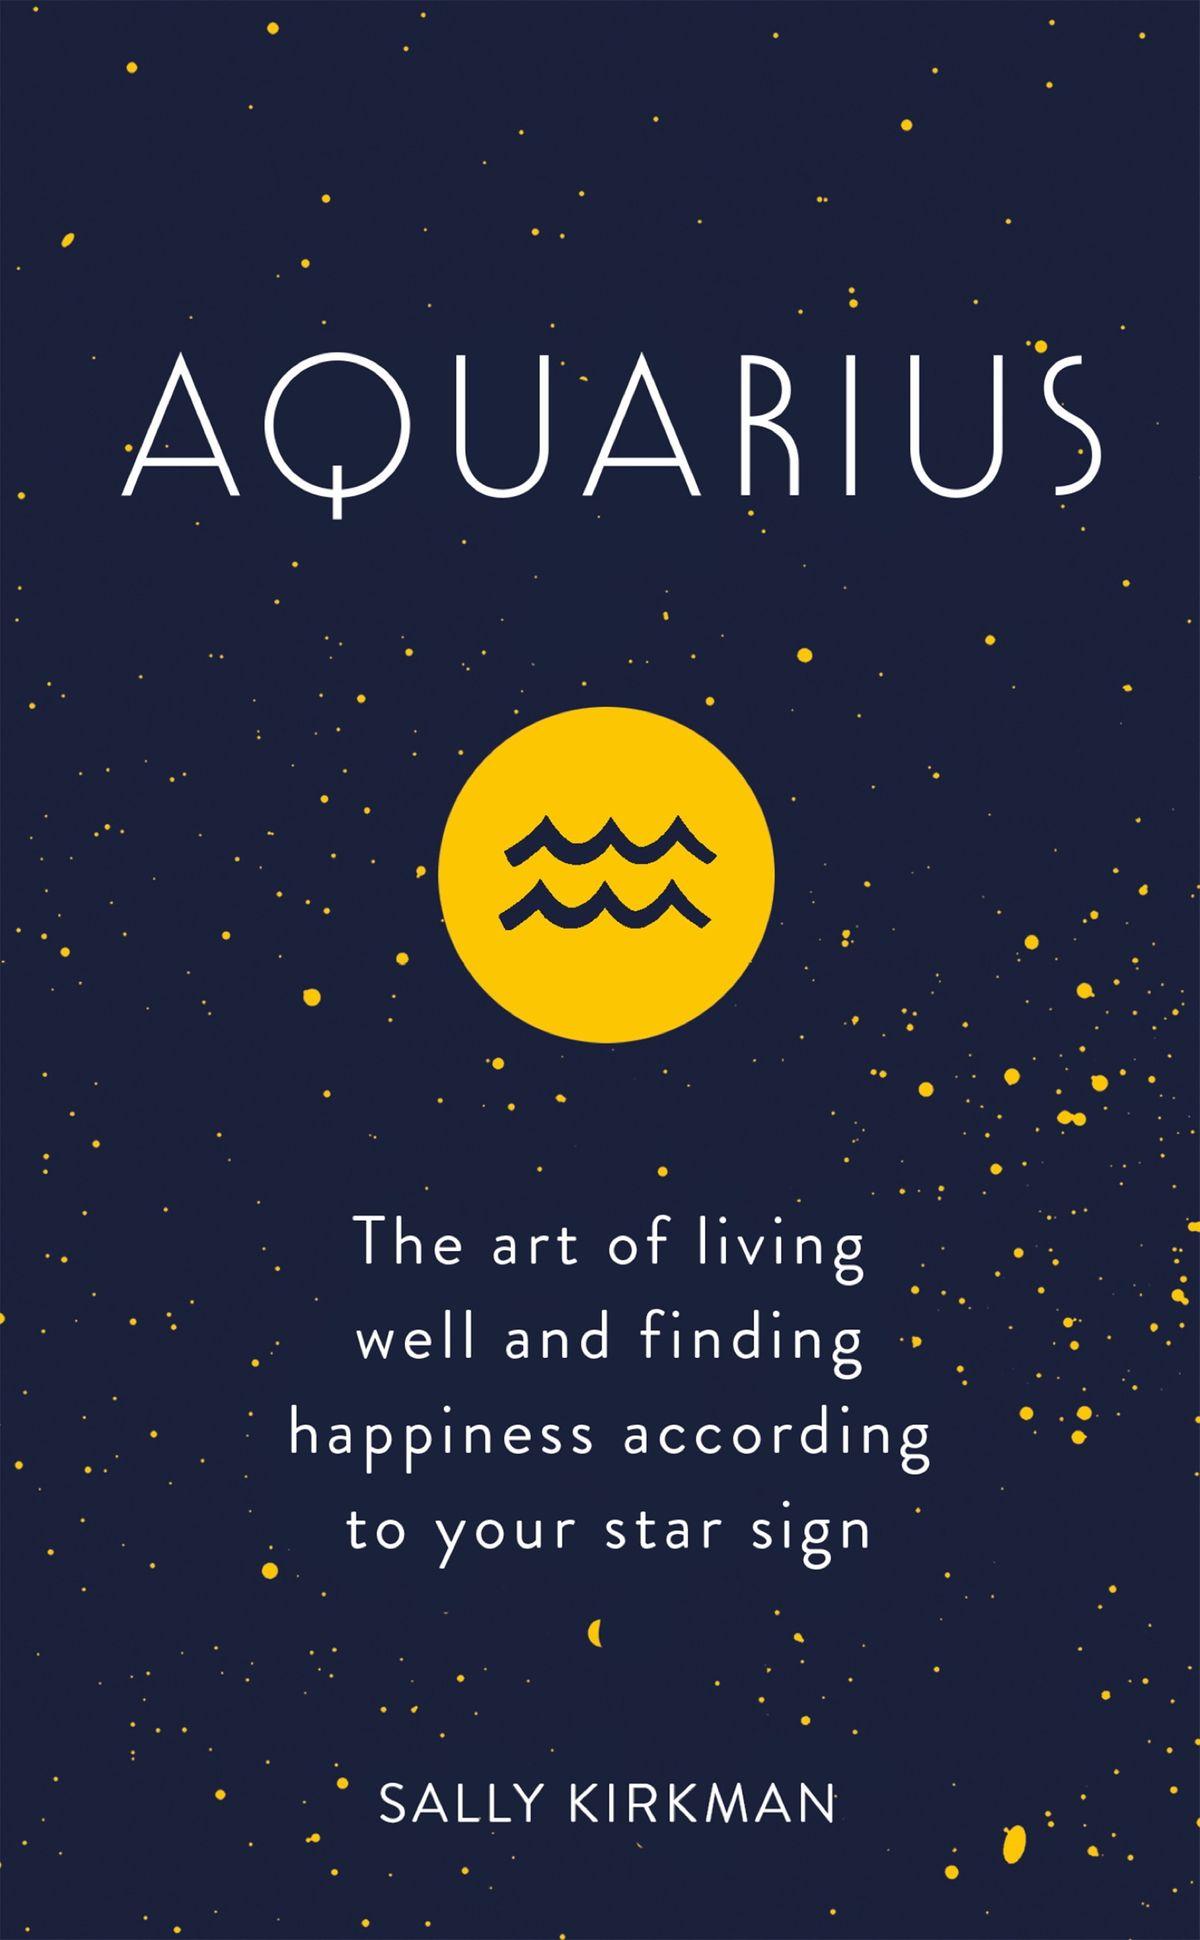 Hình ảnh Aquarius chòm sao Bảo Bình cực đẹp